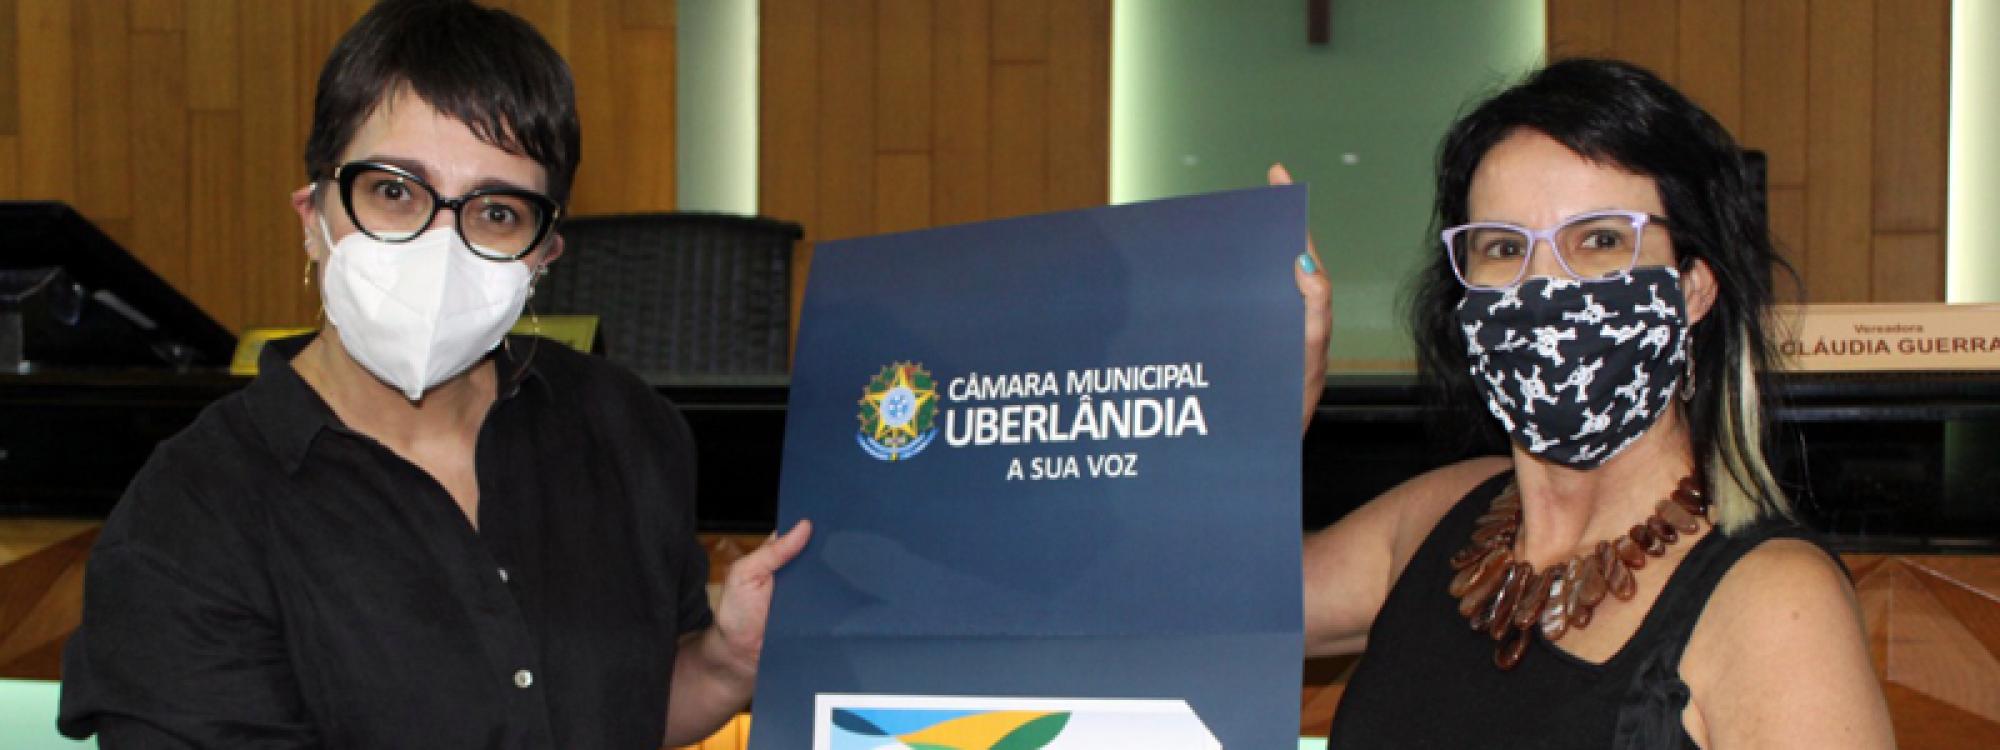 Médica e professora da UFU, Helena Paro, é homenageada com Comenda Augusto César